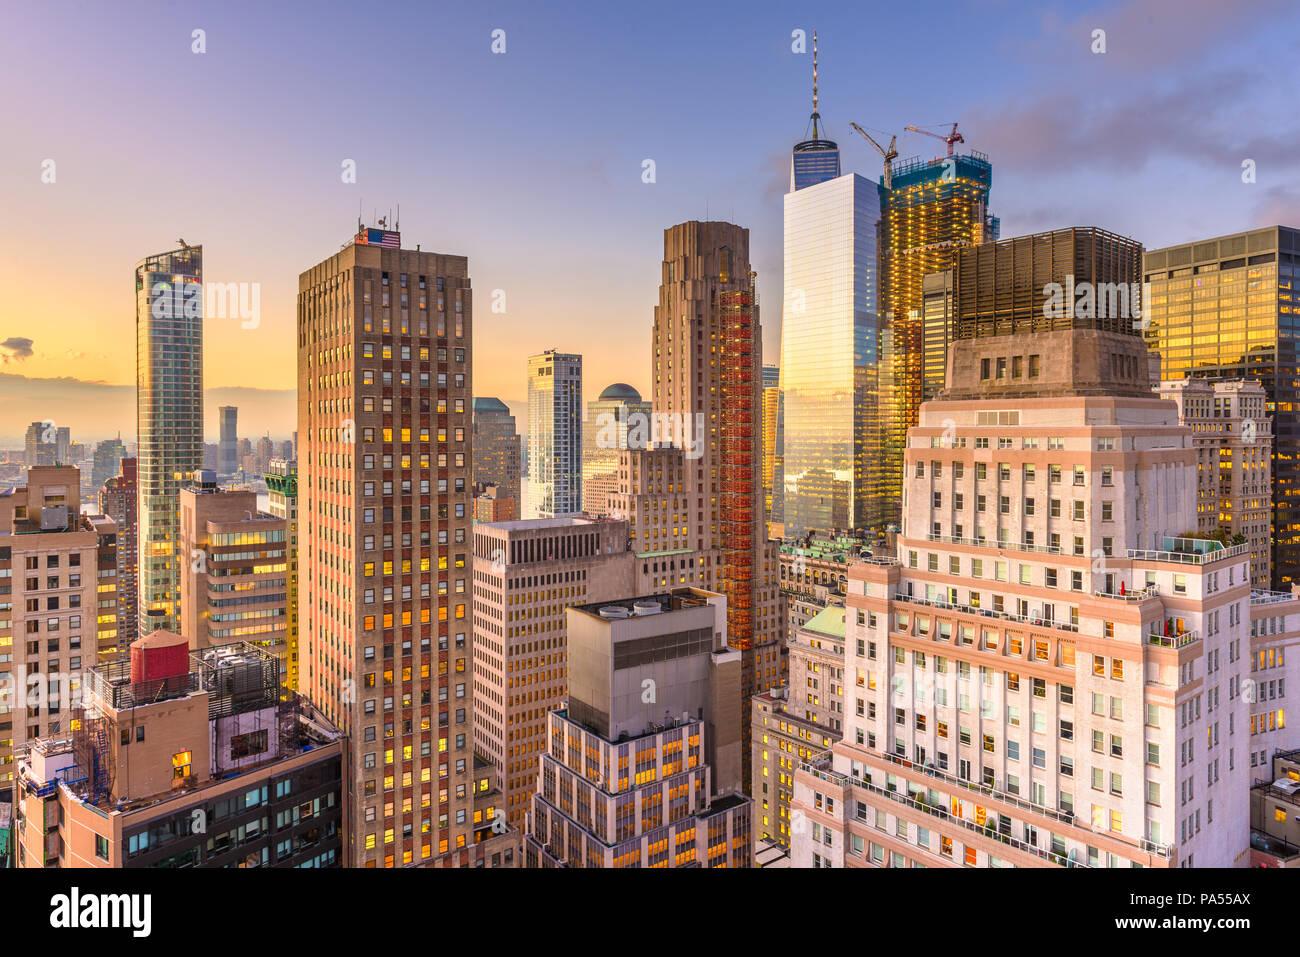 New York, New York, USA Le Lower Manhattan cityscape Quartier Financier de dessus au crépuscule. Photo Stock